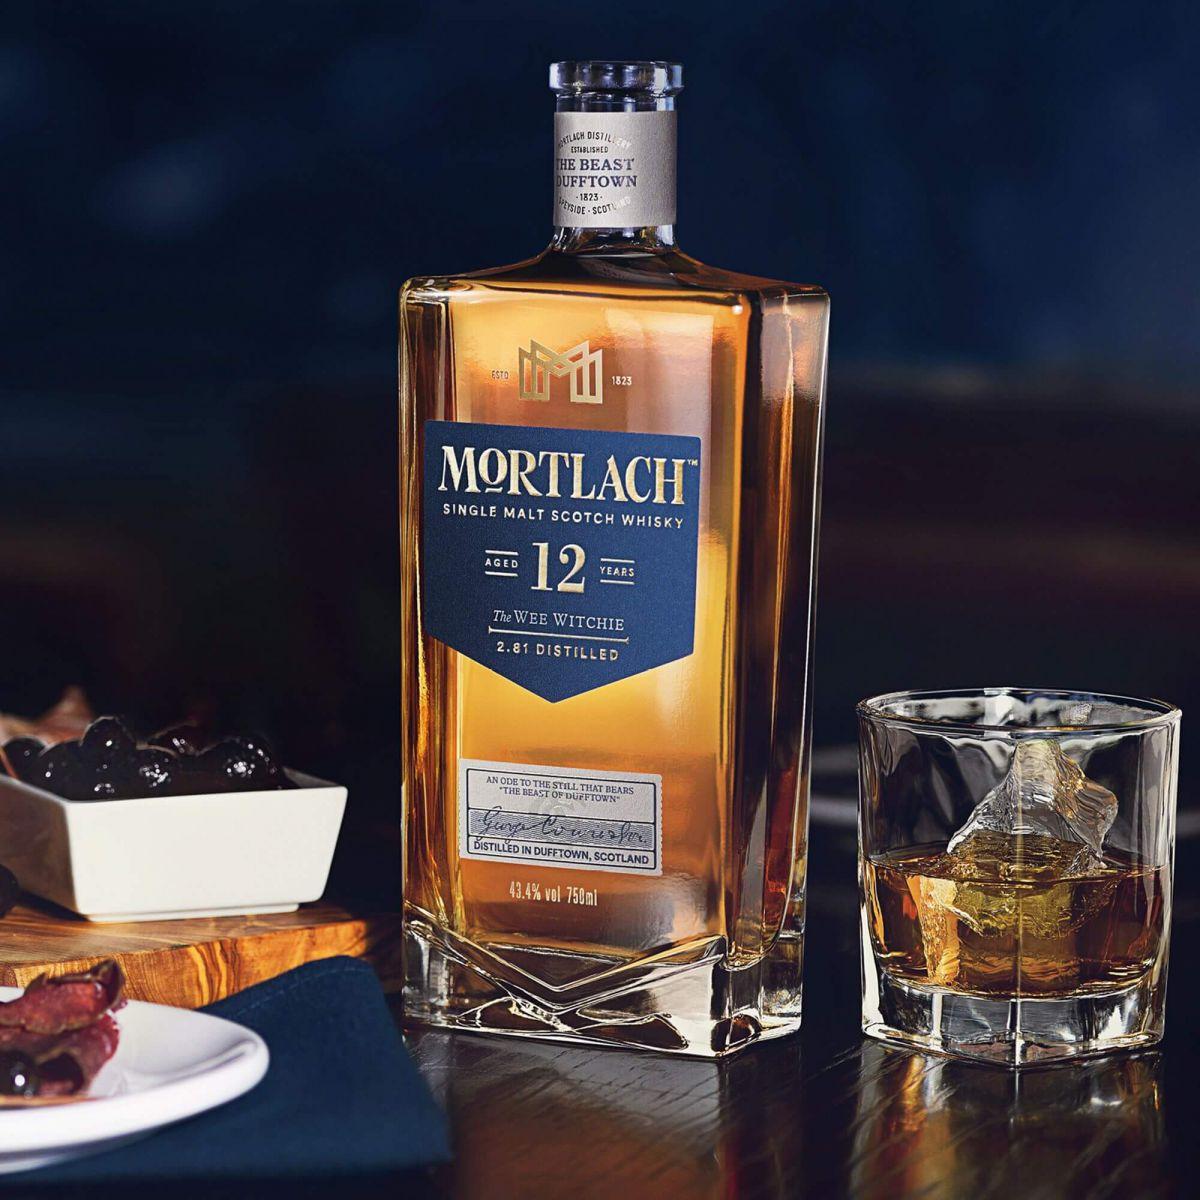 Hình 2. Mortlach 12 Năm 2022 được đóng chai thủy tinh với dung tích 700ml, nồng độ cồn 43.4% và công khai tuổi rượu 12 năm trên nhãn chai